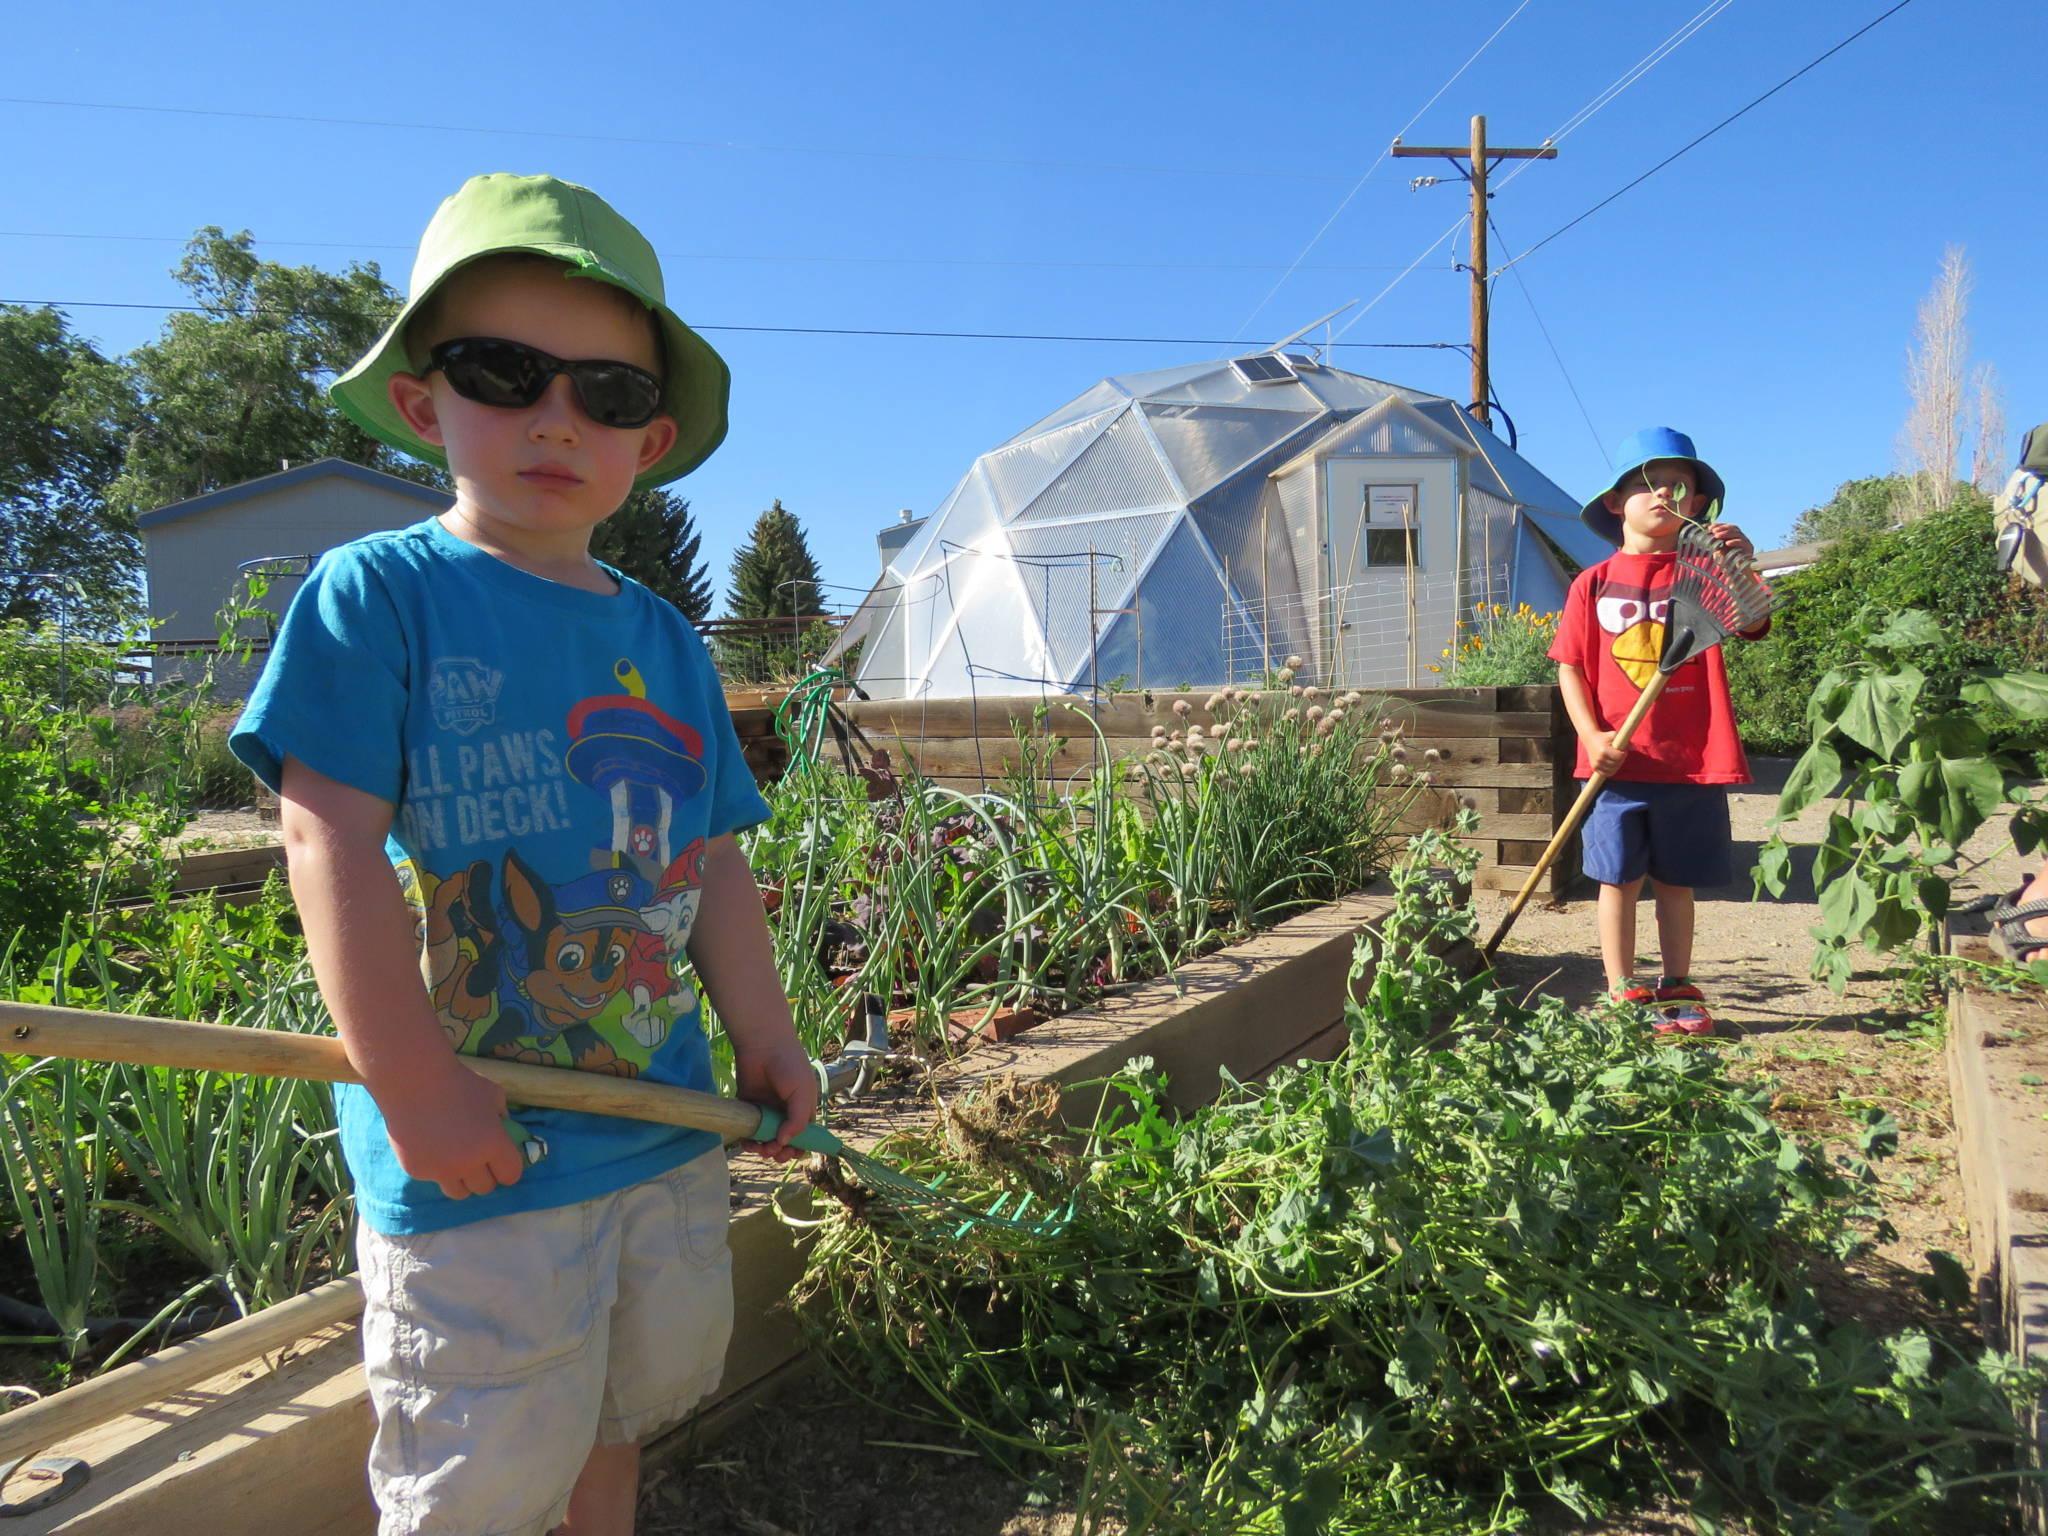 small-dome-in-community-garden